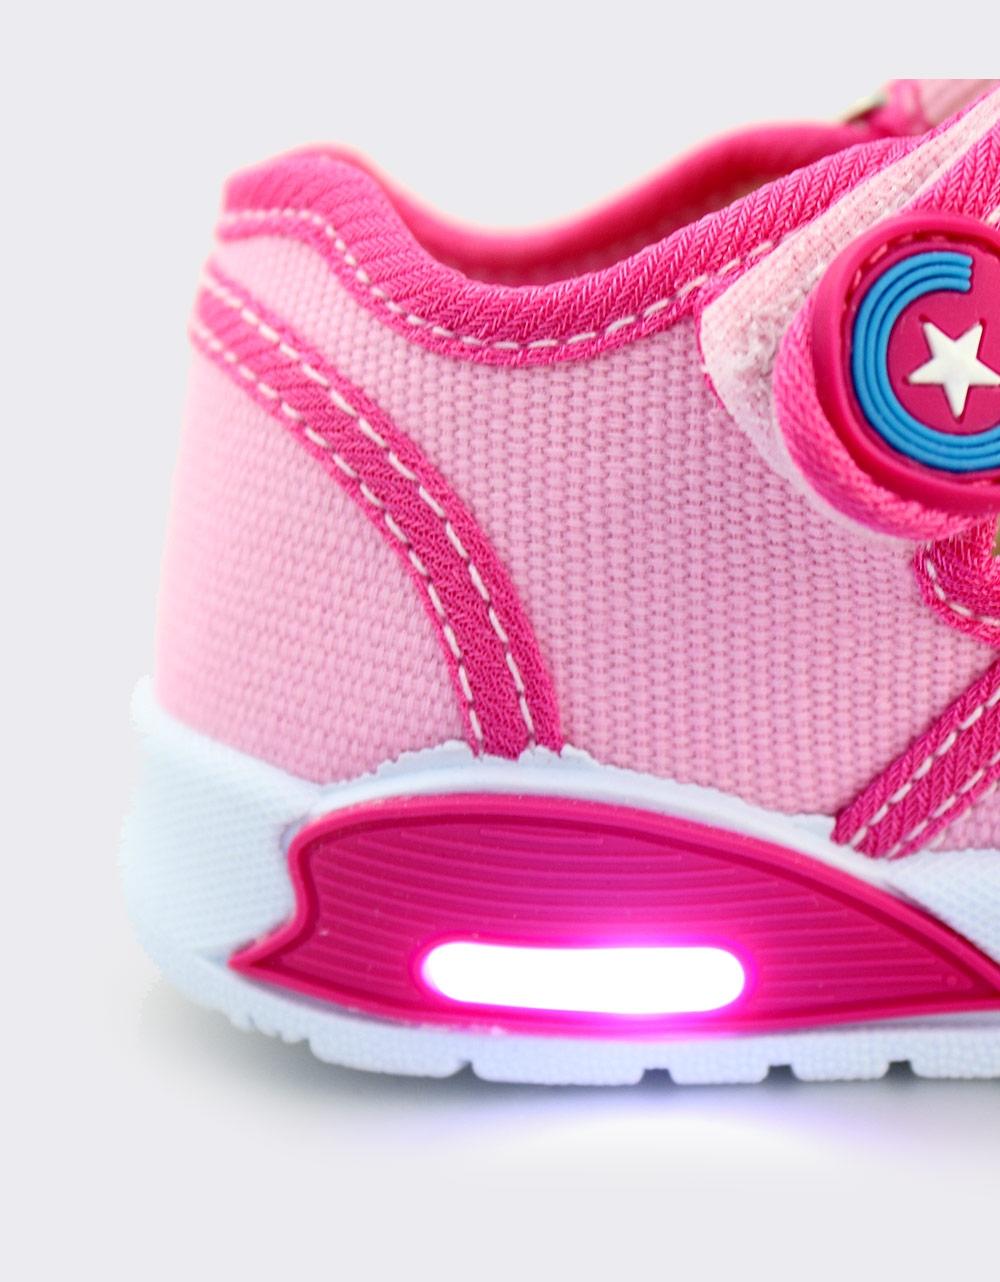 Εικόνα από Παιδικά πέδιλα με φωτάκια Ροζ